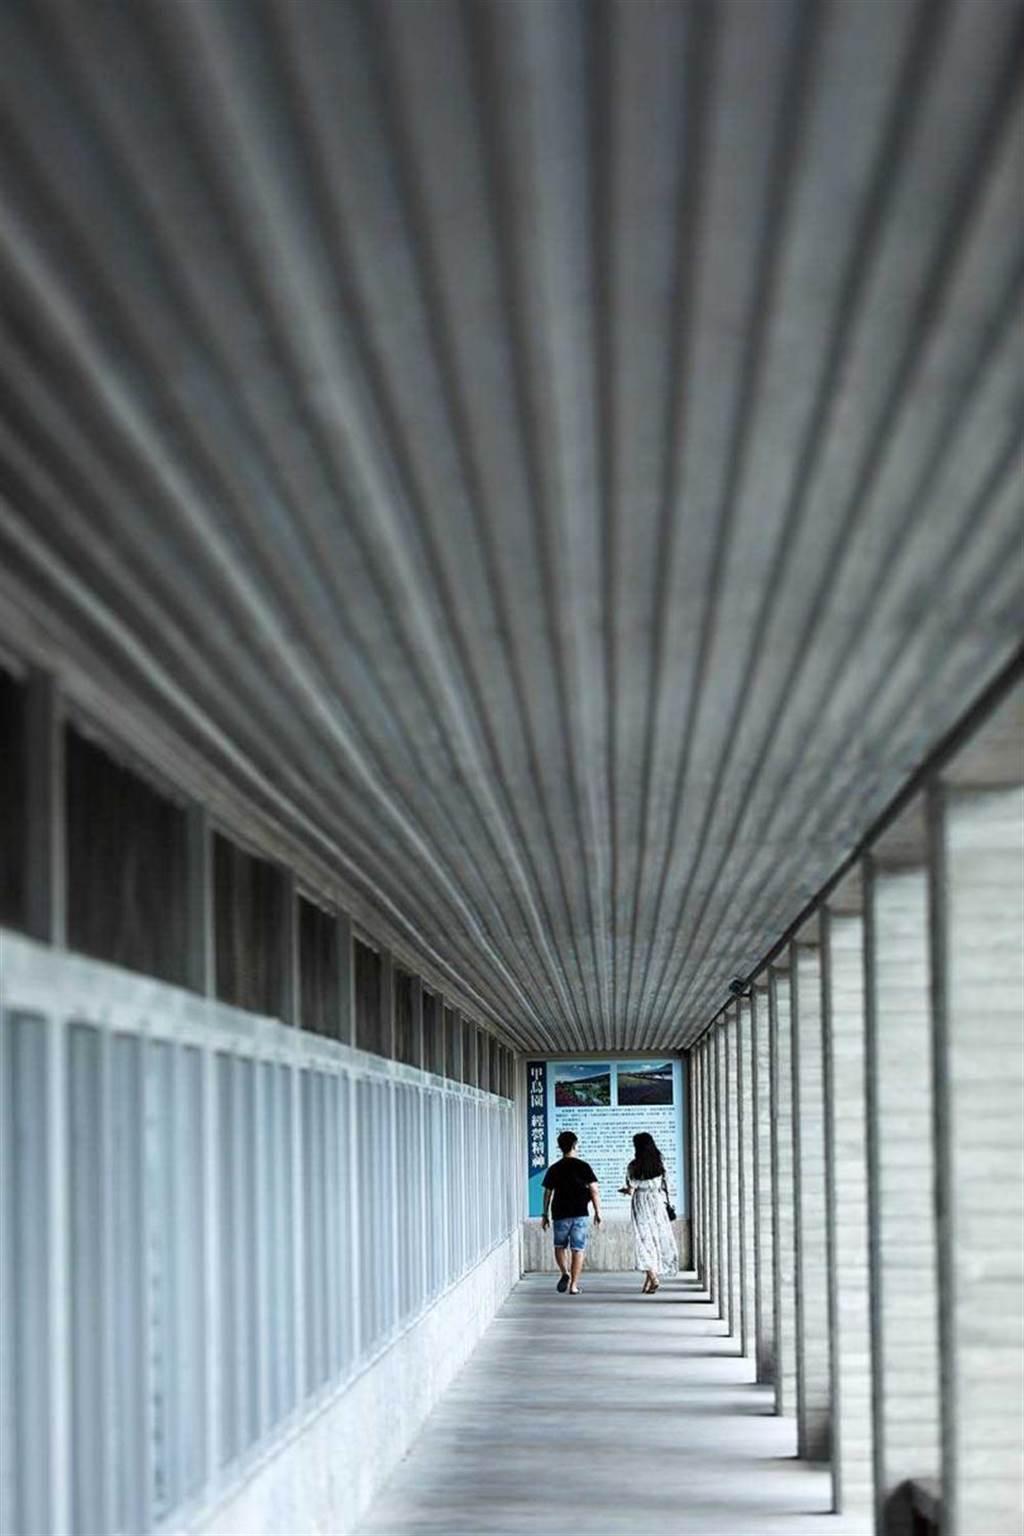 日式清水模的現代感建築,讓人很難想像「甲鳥園」的前身是已經營60多年的傳統鴨舍。(圖/于魯光攝)